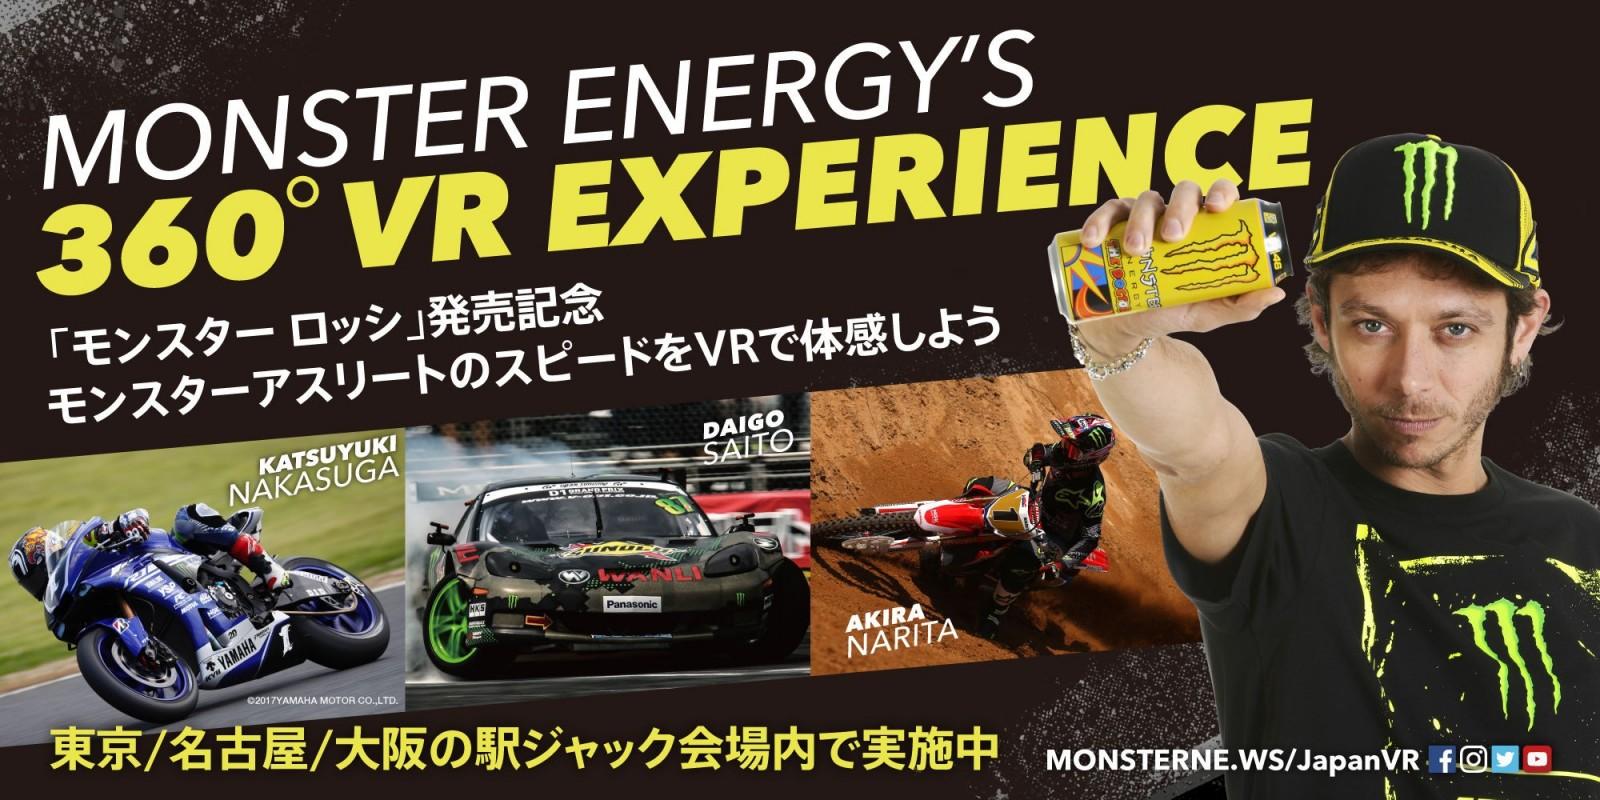 VRイベント,このスピードが欲しいか、モンスターロッシVR体験イベント,イメージ